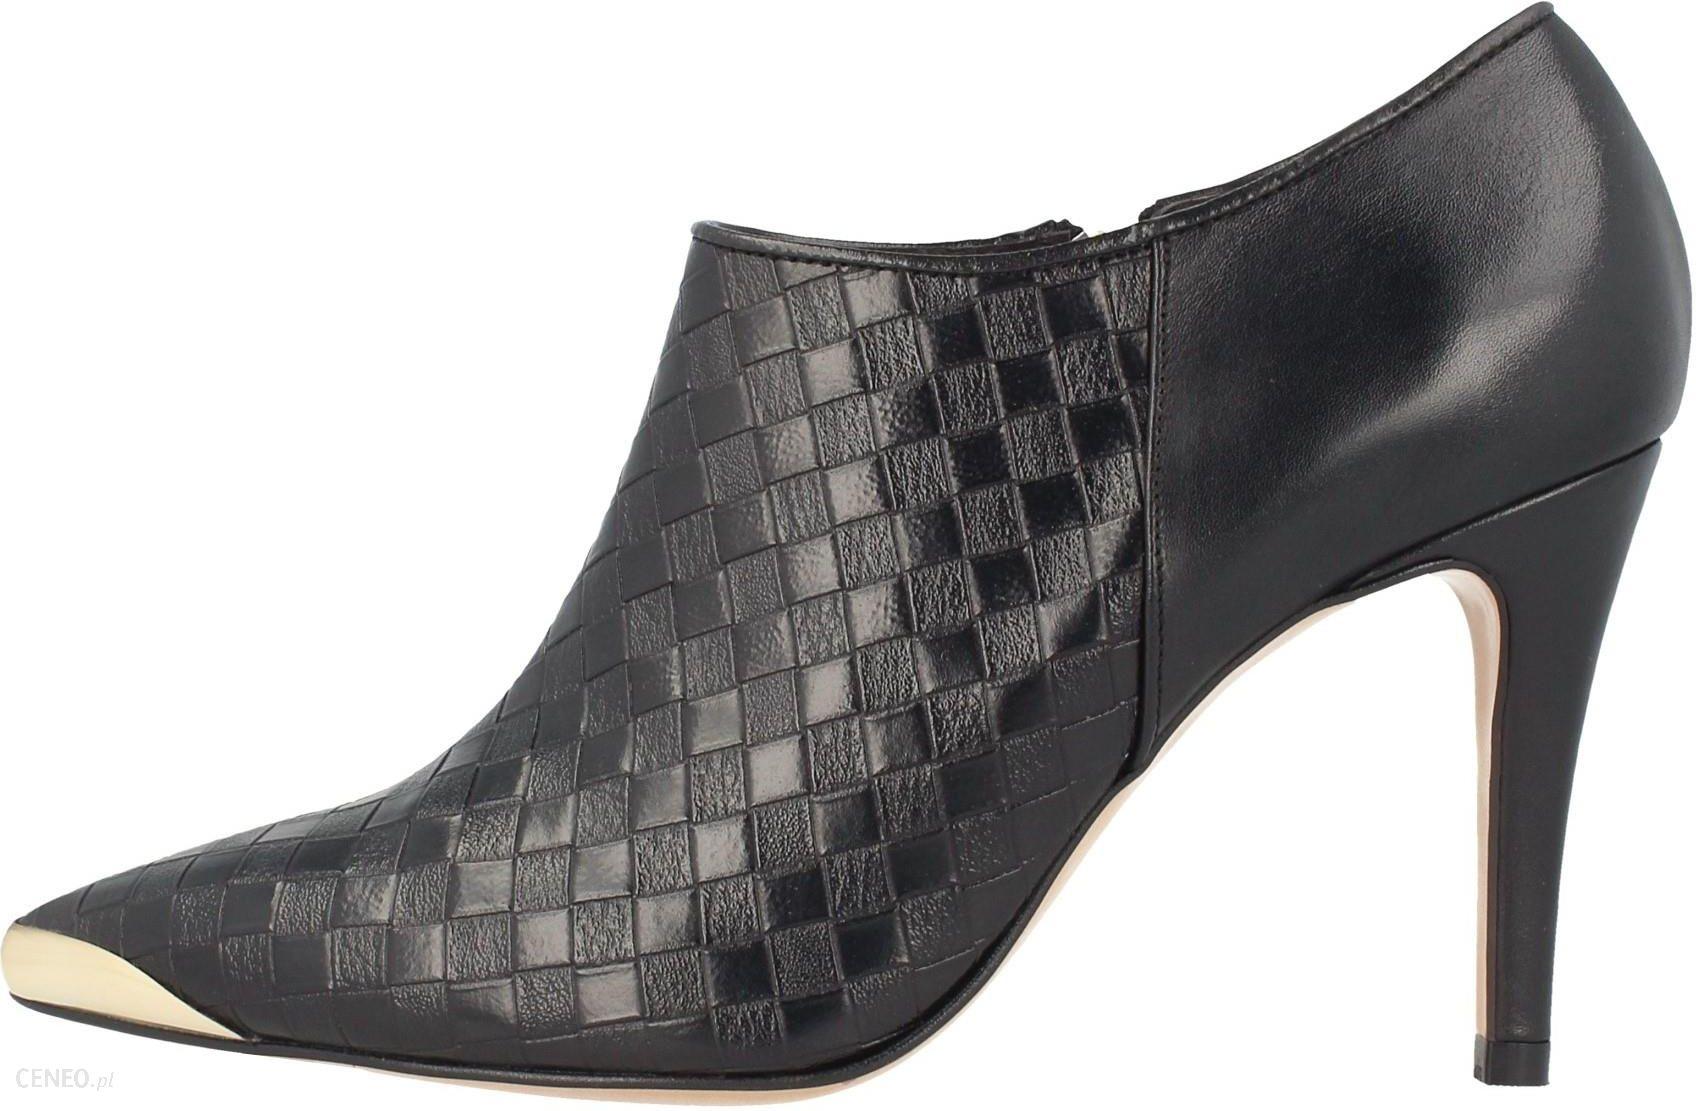 1f63cf8b51b1a Roberto Botella buty za kostkę damskie 35, czarny - Ceny i opinie ...